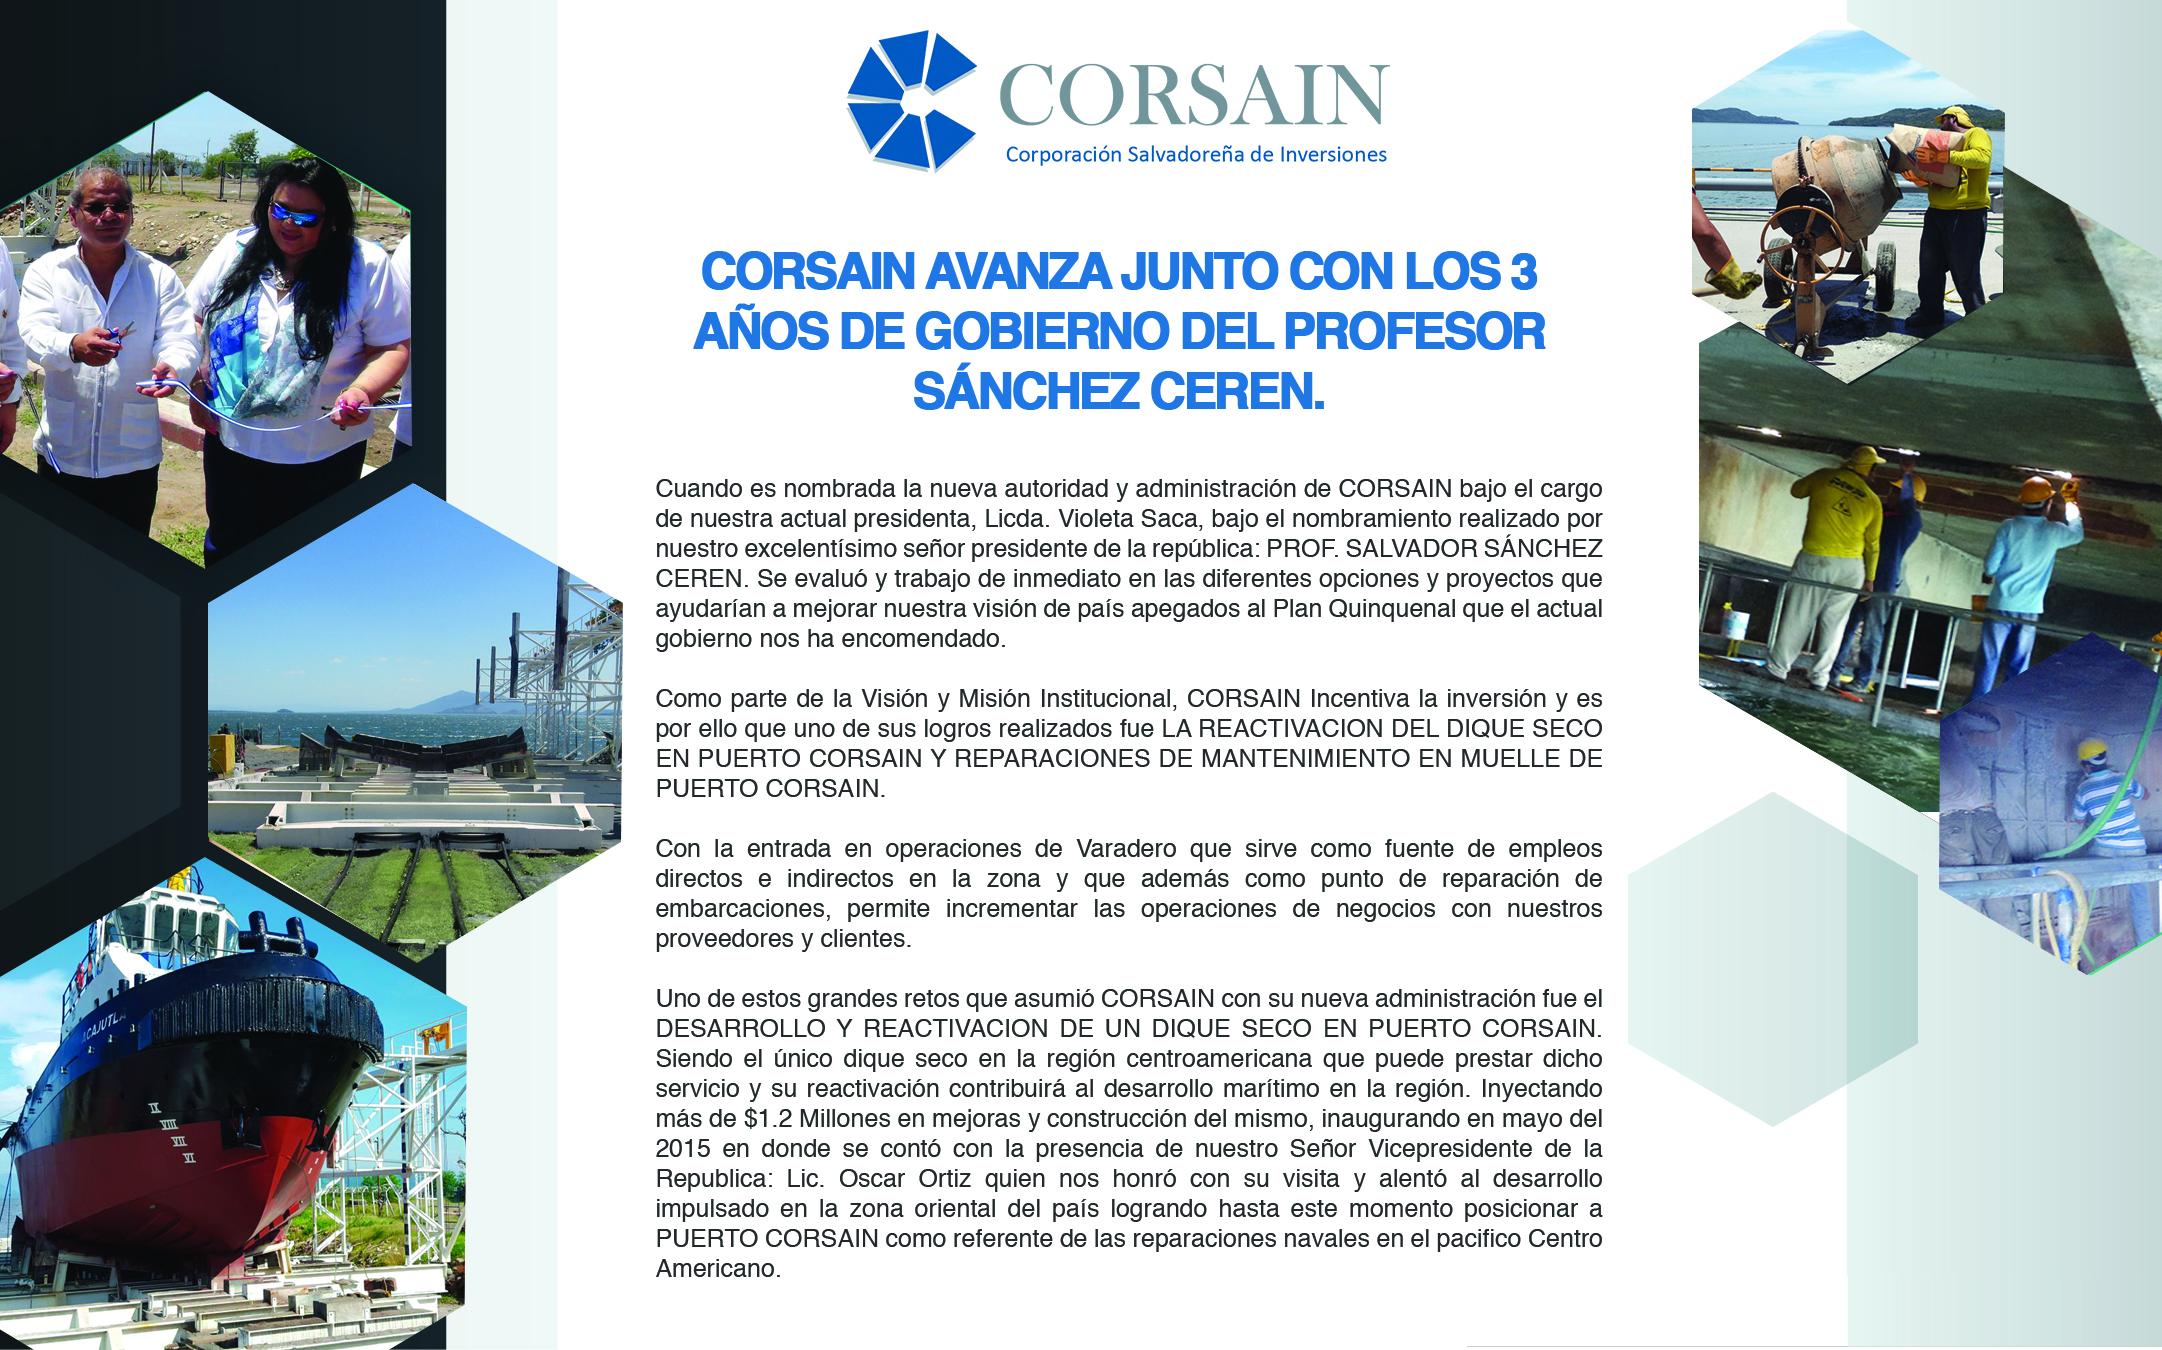 CORSAIN AVANZA JUNTO CON LOS 3 AÑOS DE GOBIERNO DEL PROFESOR SÁNCHEZ CEREN.